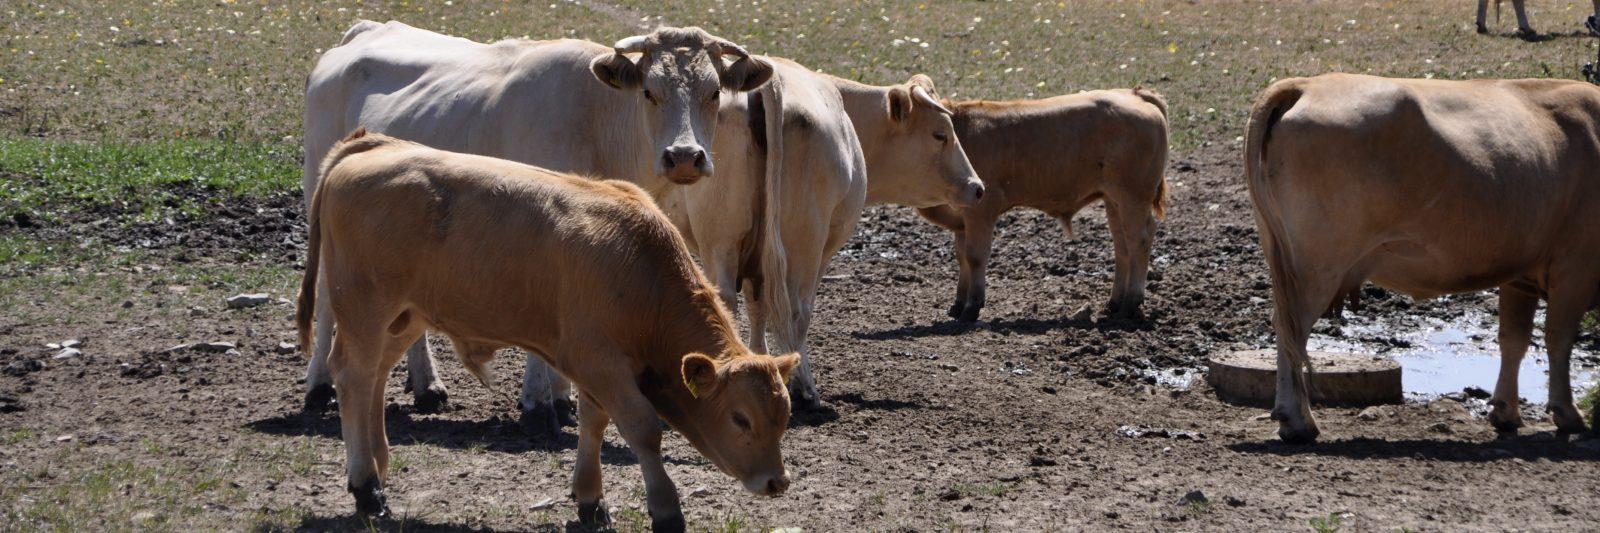 Landwirtschaft_Kühe